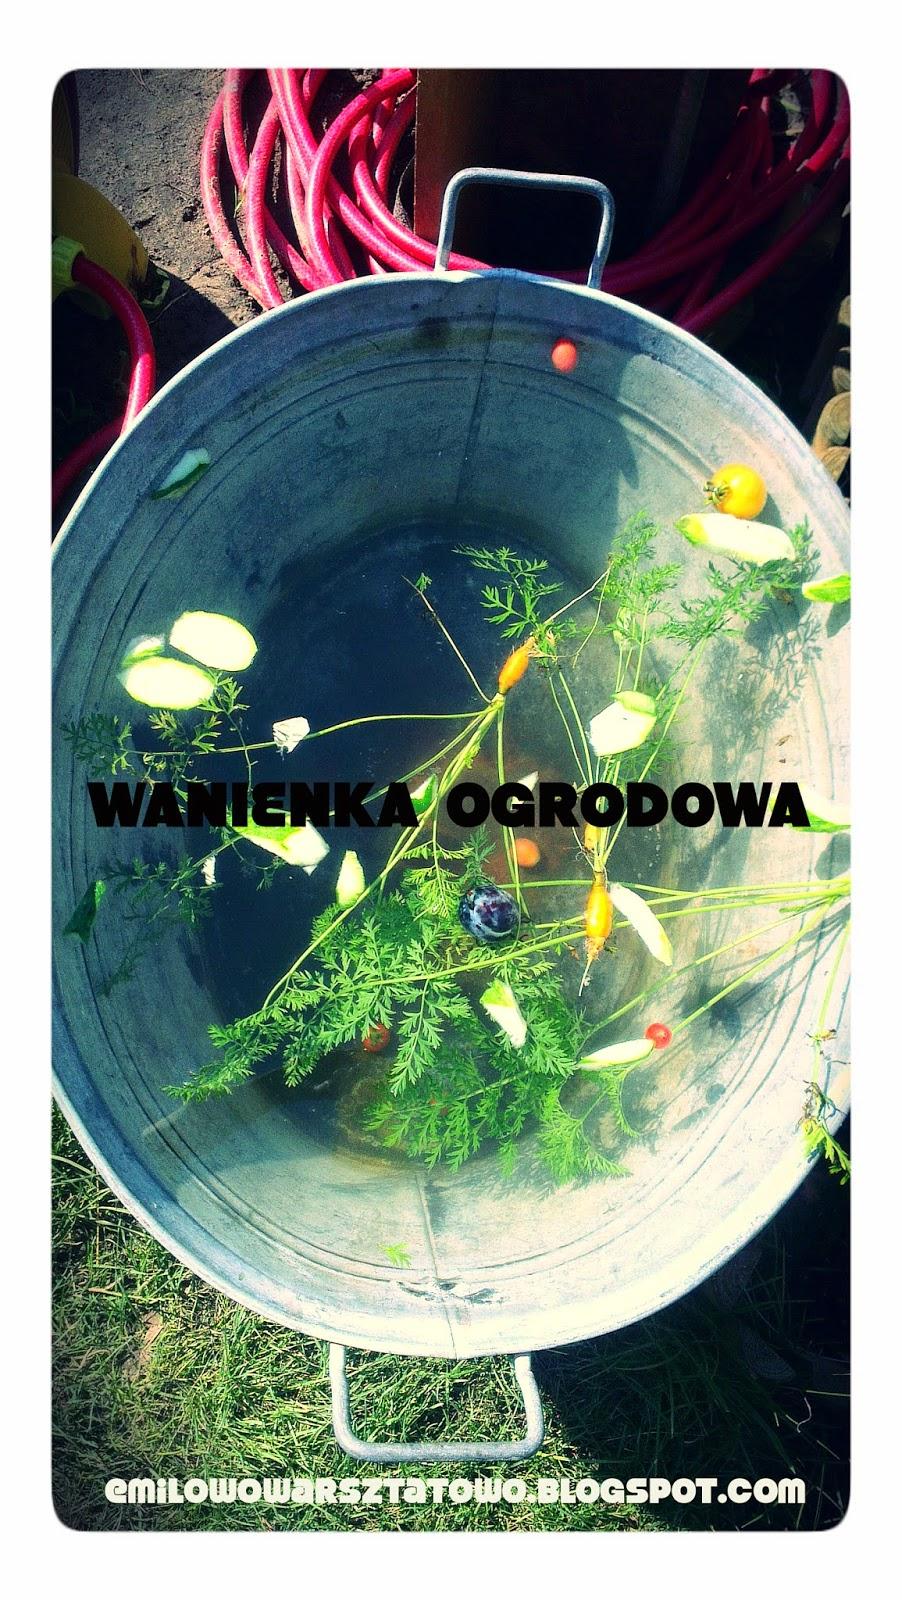 http://emilowowarsztatowo.blogspot.com/2014/08/wanienka-ogrodowa.html